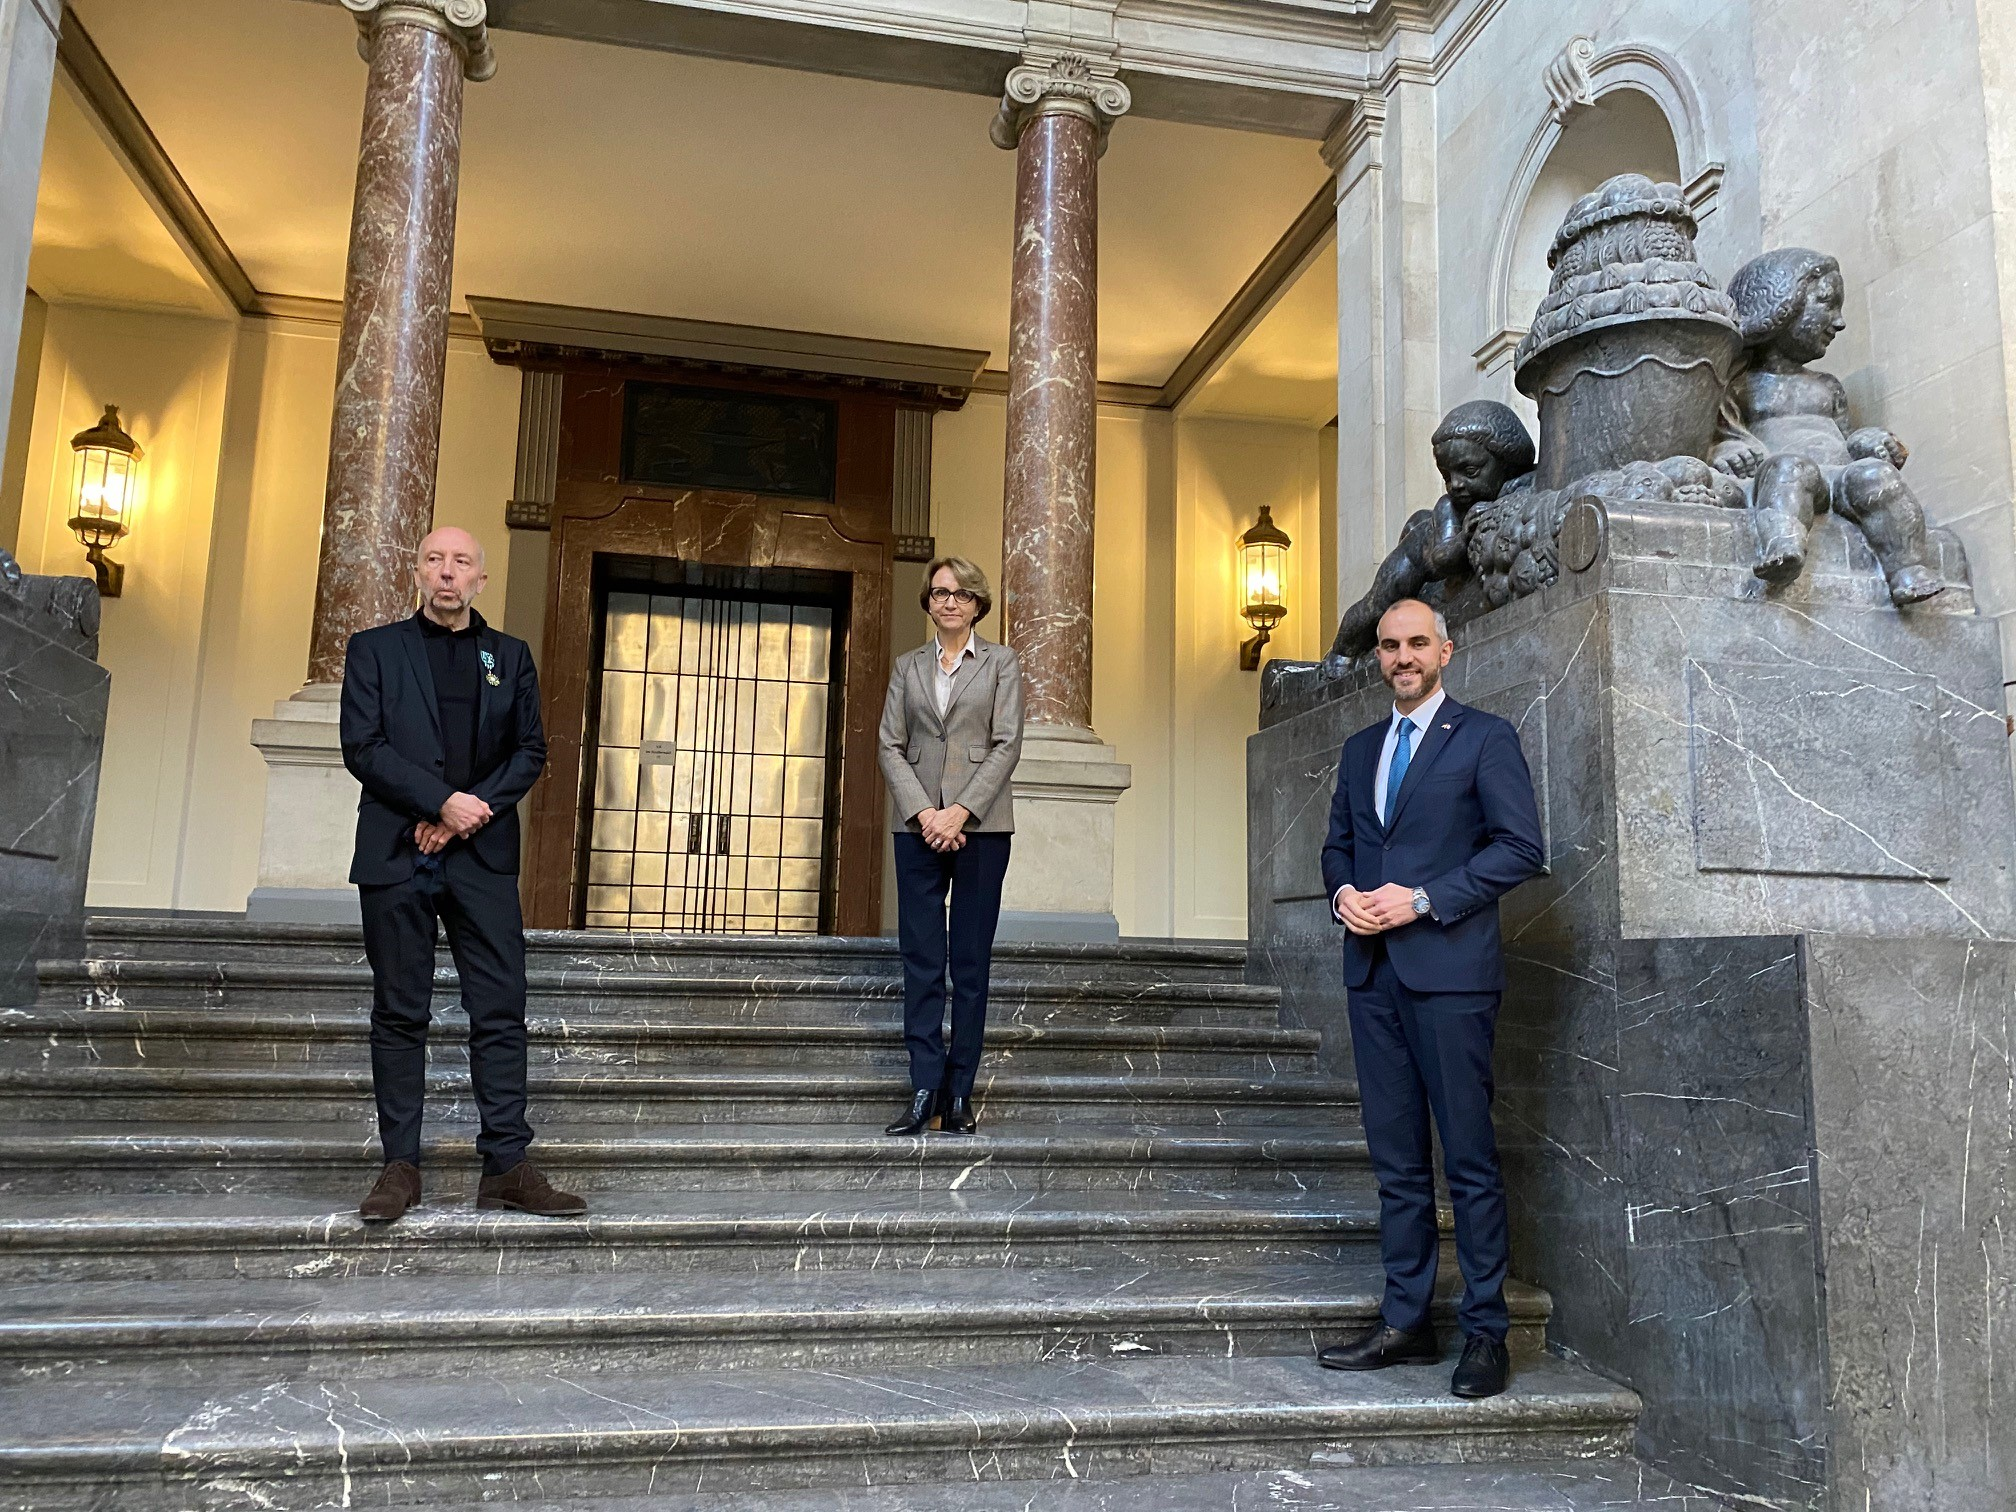 Drei Personen auf einer Treppe.